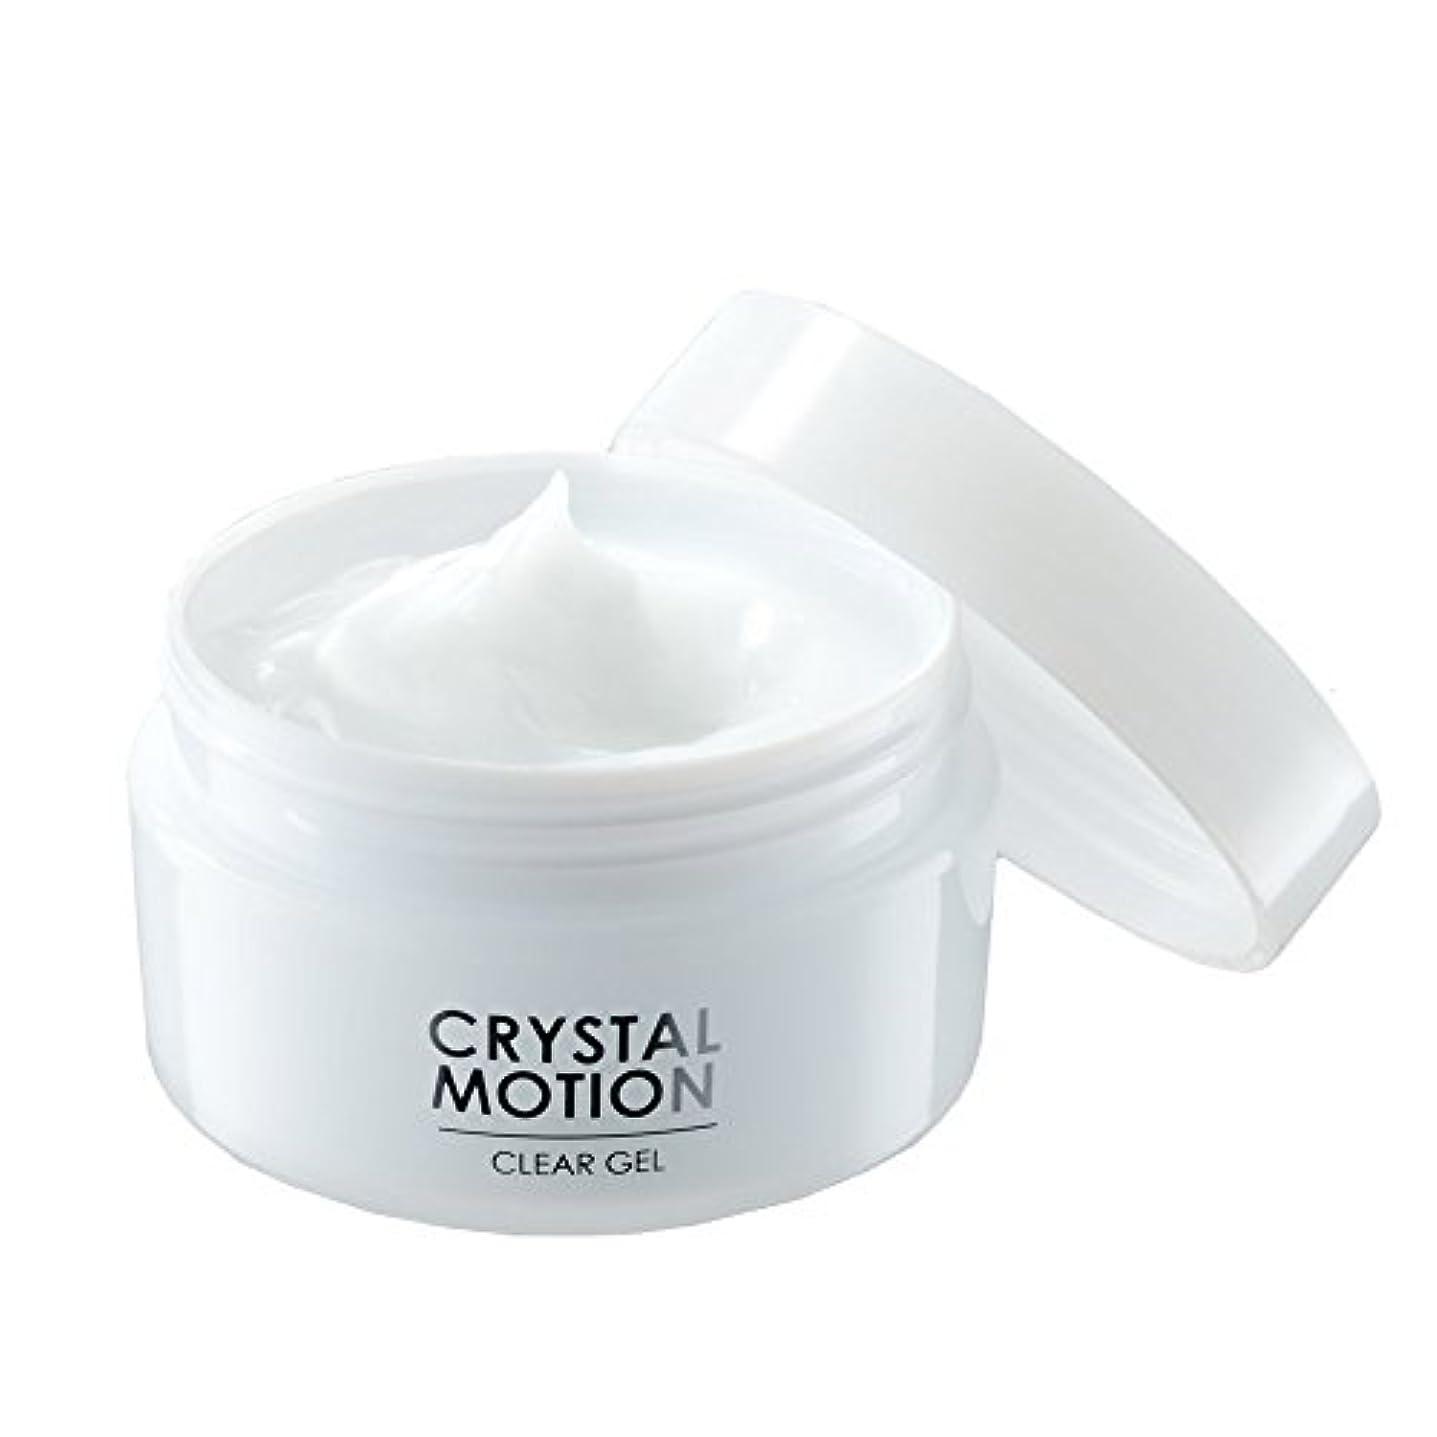 明らか苦しむナチュラクリスタルモーション CRYSTAL MOTION 薬用ニキビケアジェル 保湿 乾燥 美白 美肌 ニキビ 予防 1ヶ月分 60g